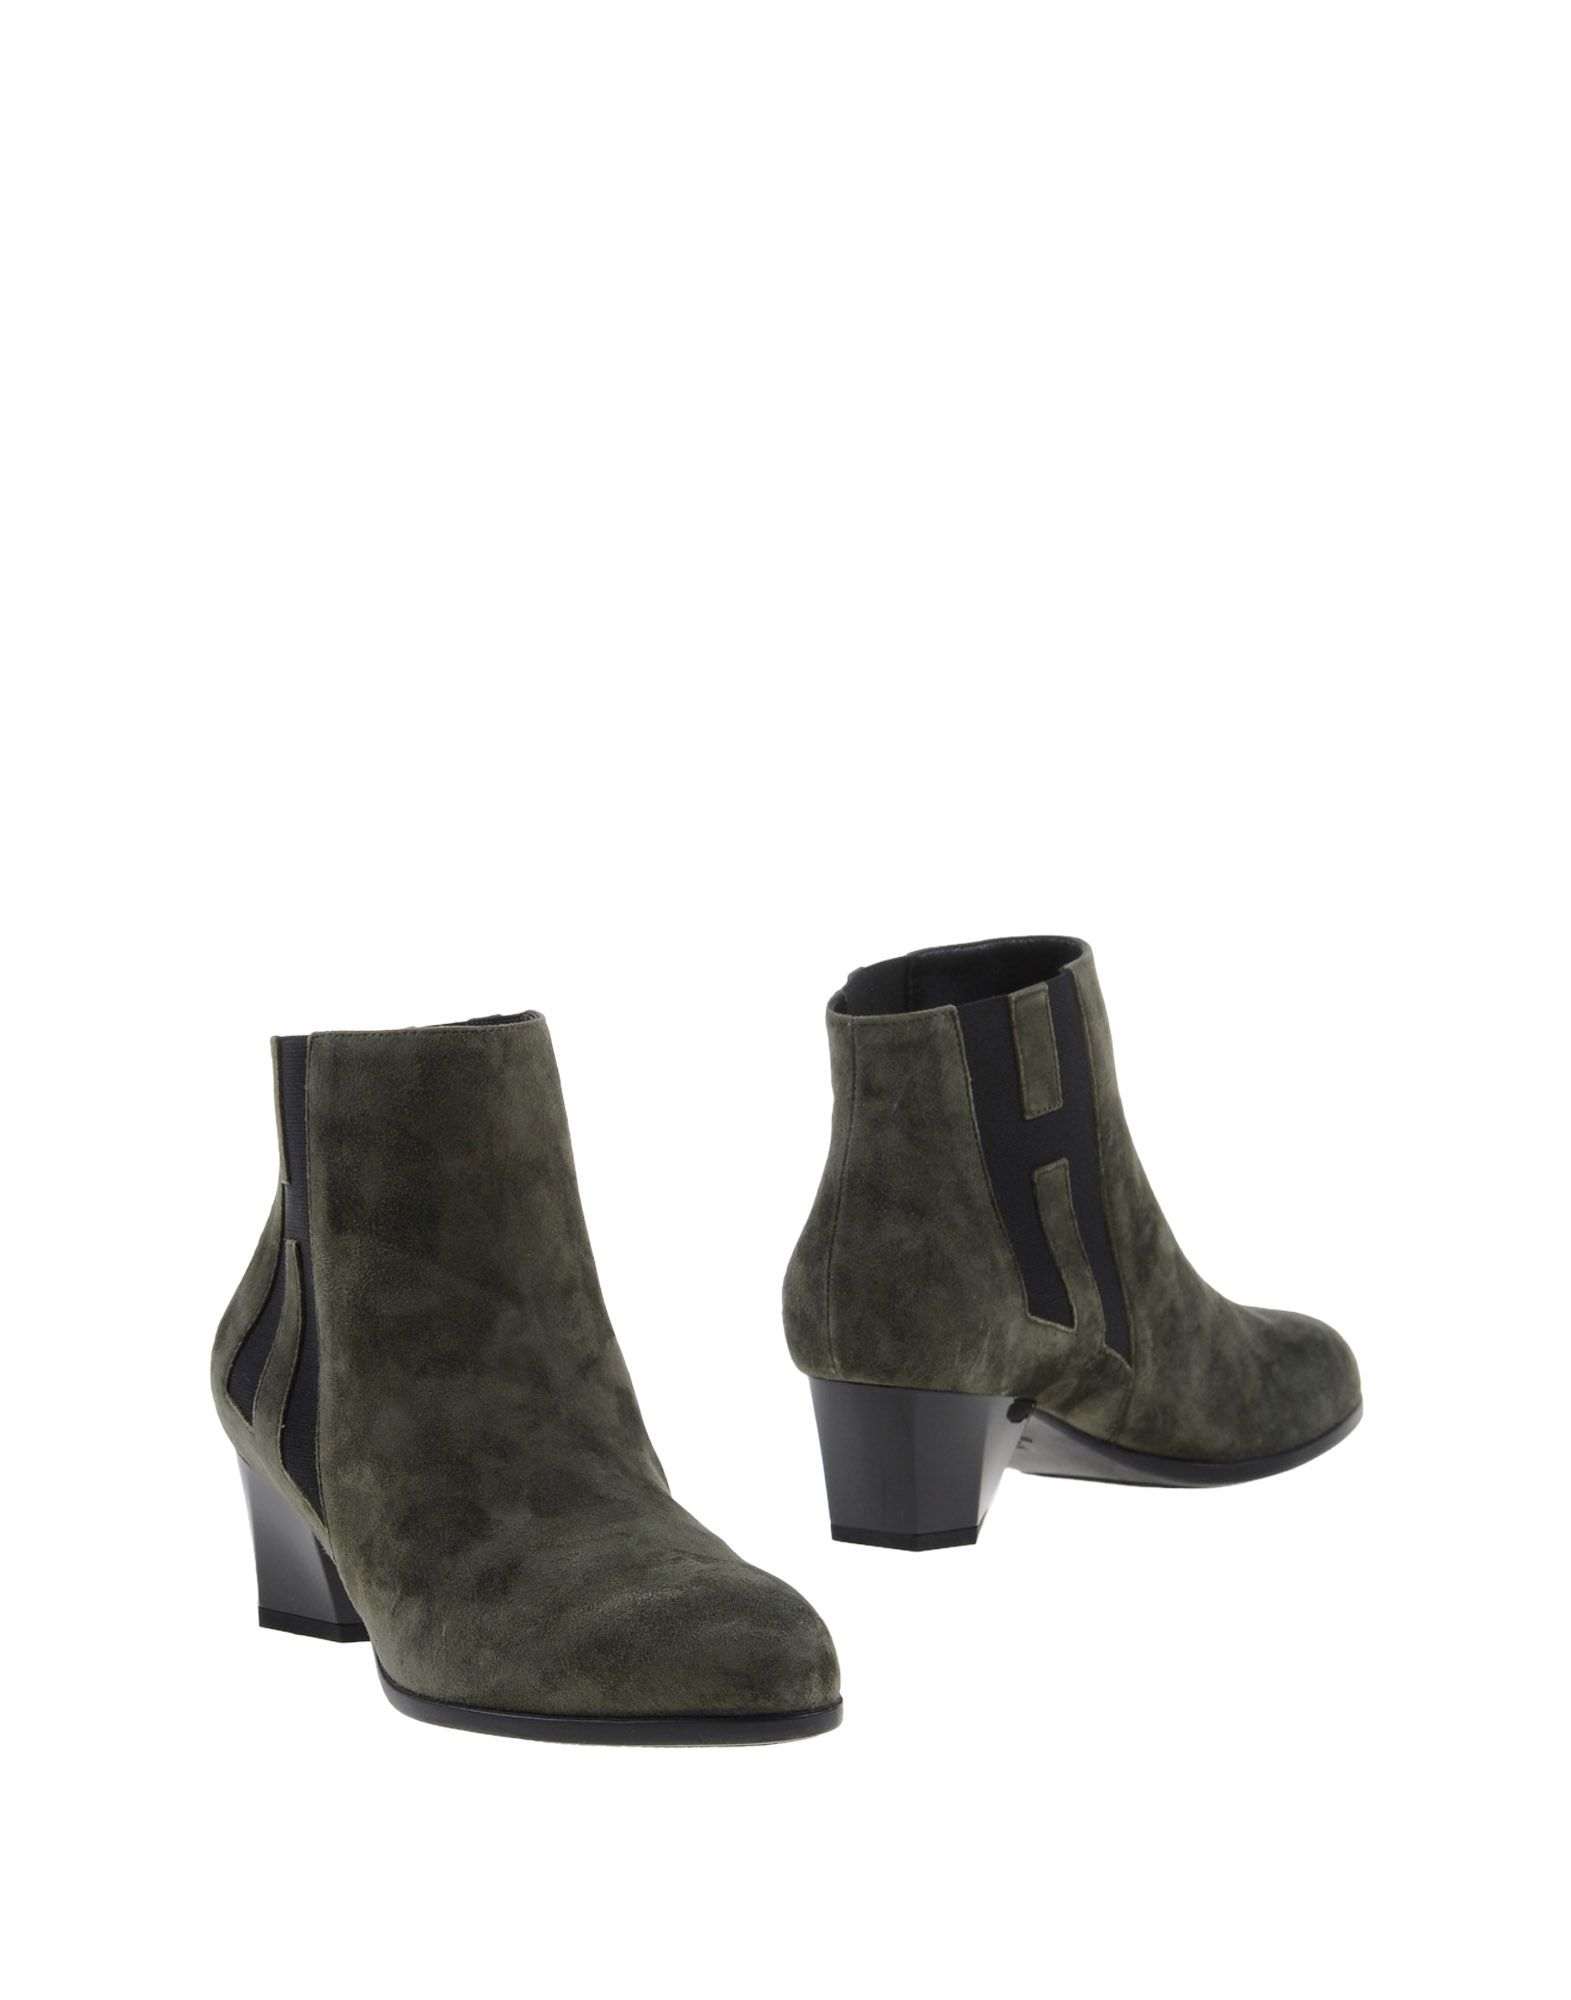 Hogan Stiefelette 11005473LH Damen  11005473LH Stiefelette Heiße Schuhe 5c2f94